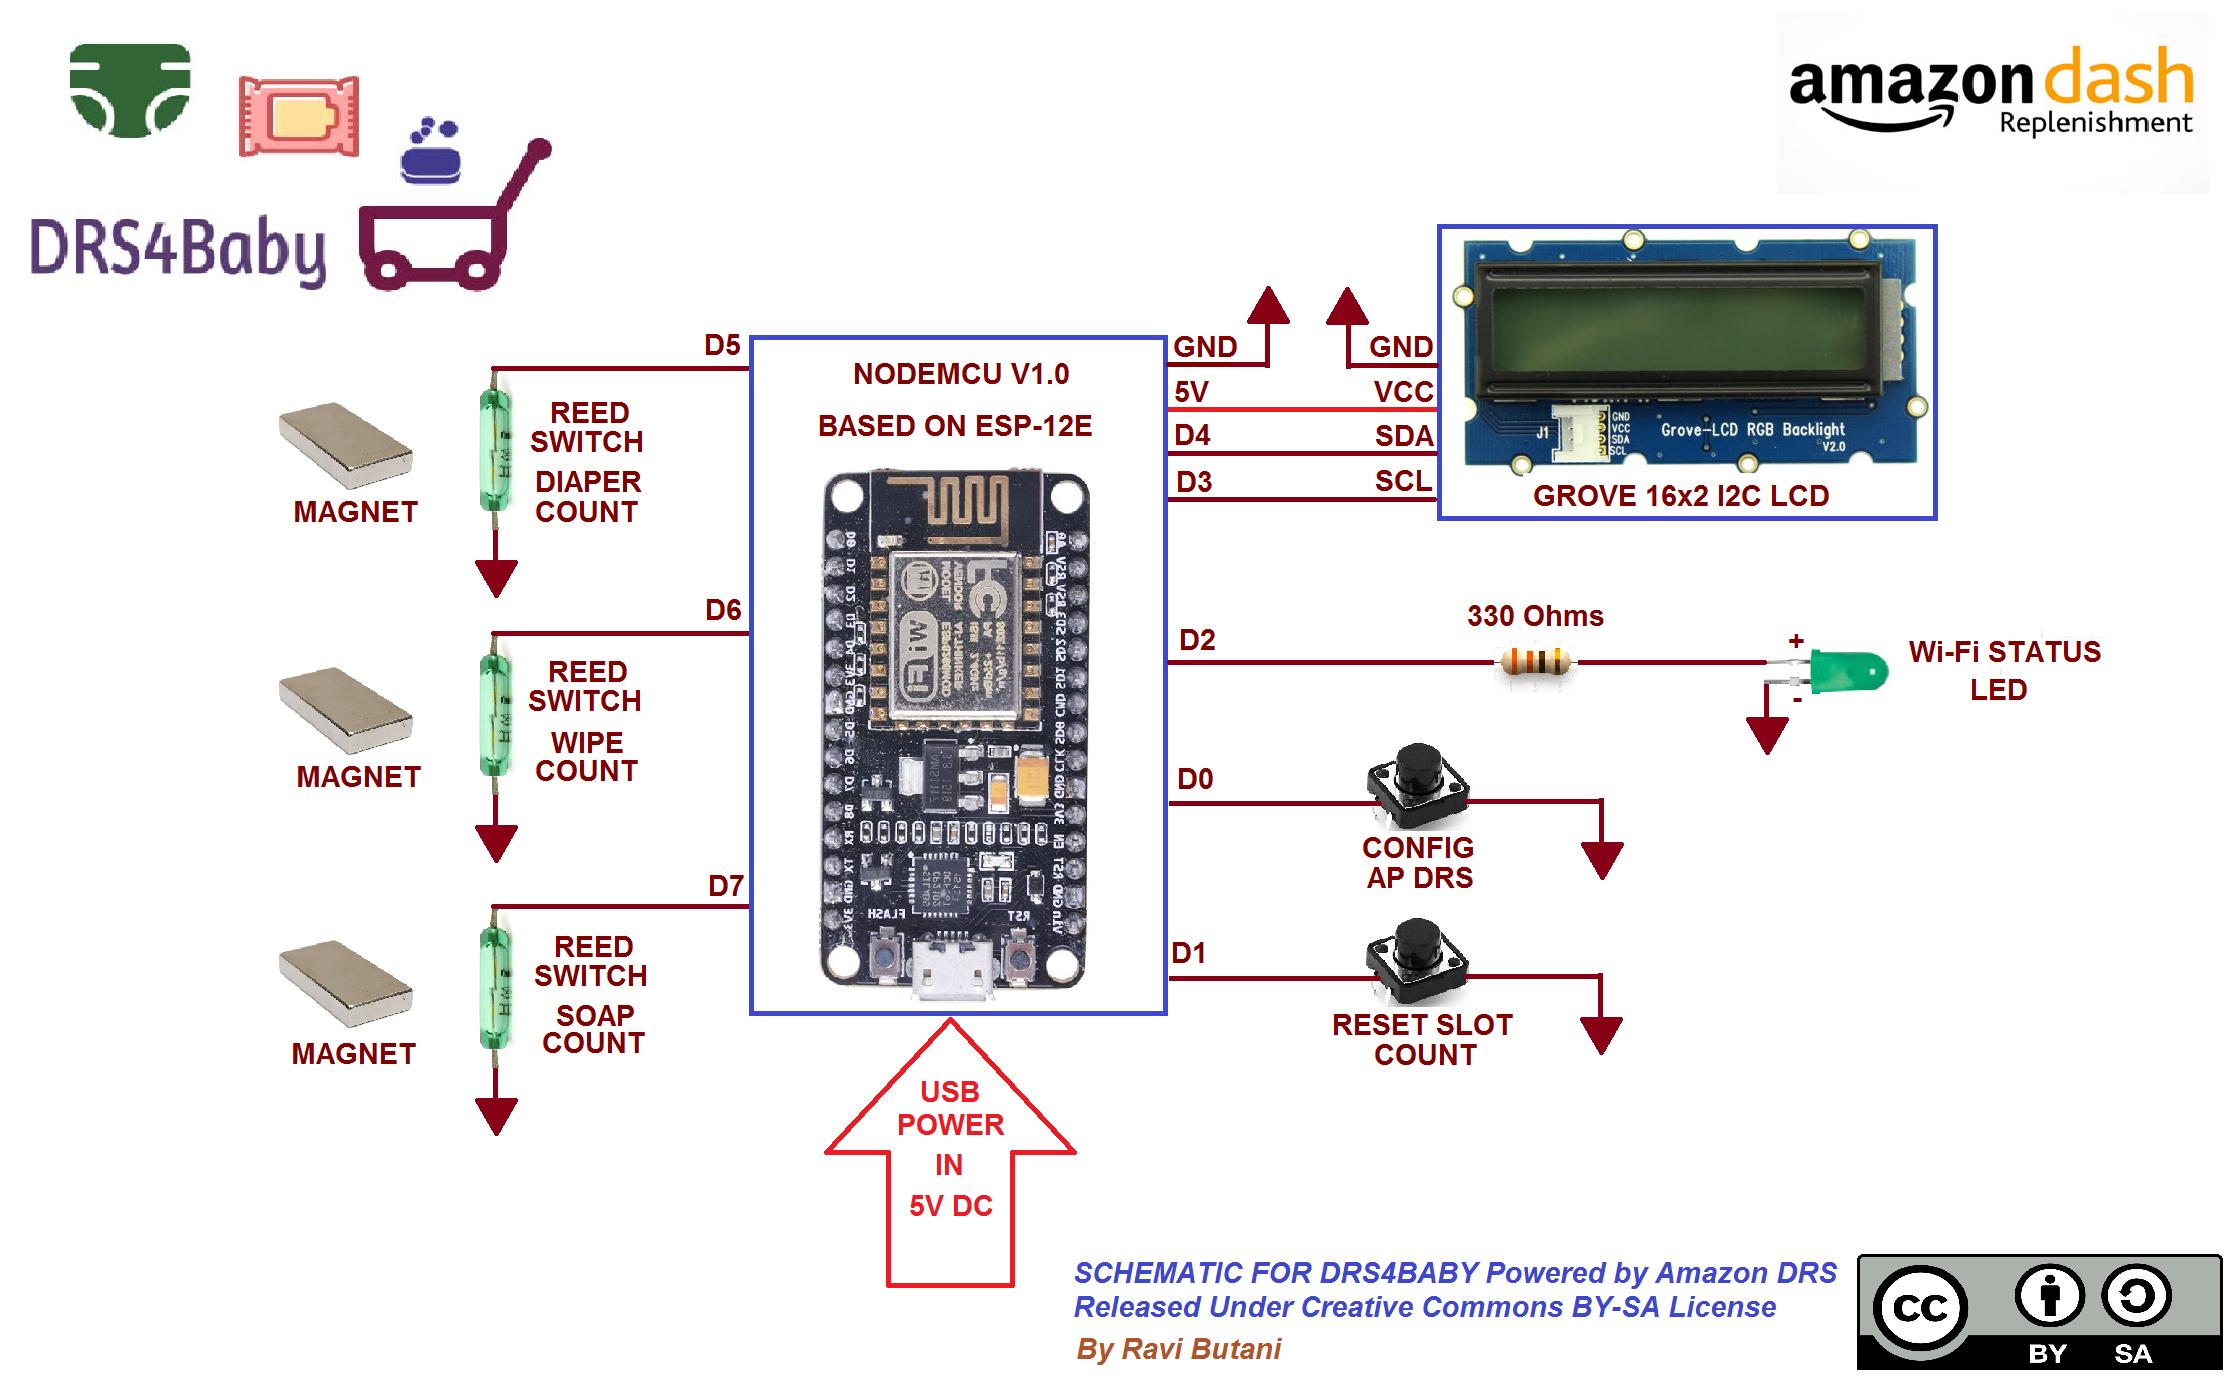 Drs4baby schematic w631qjlko5